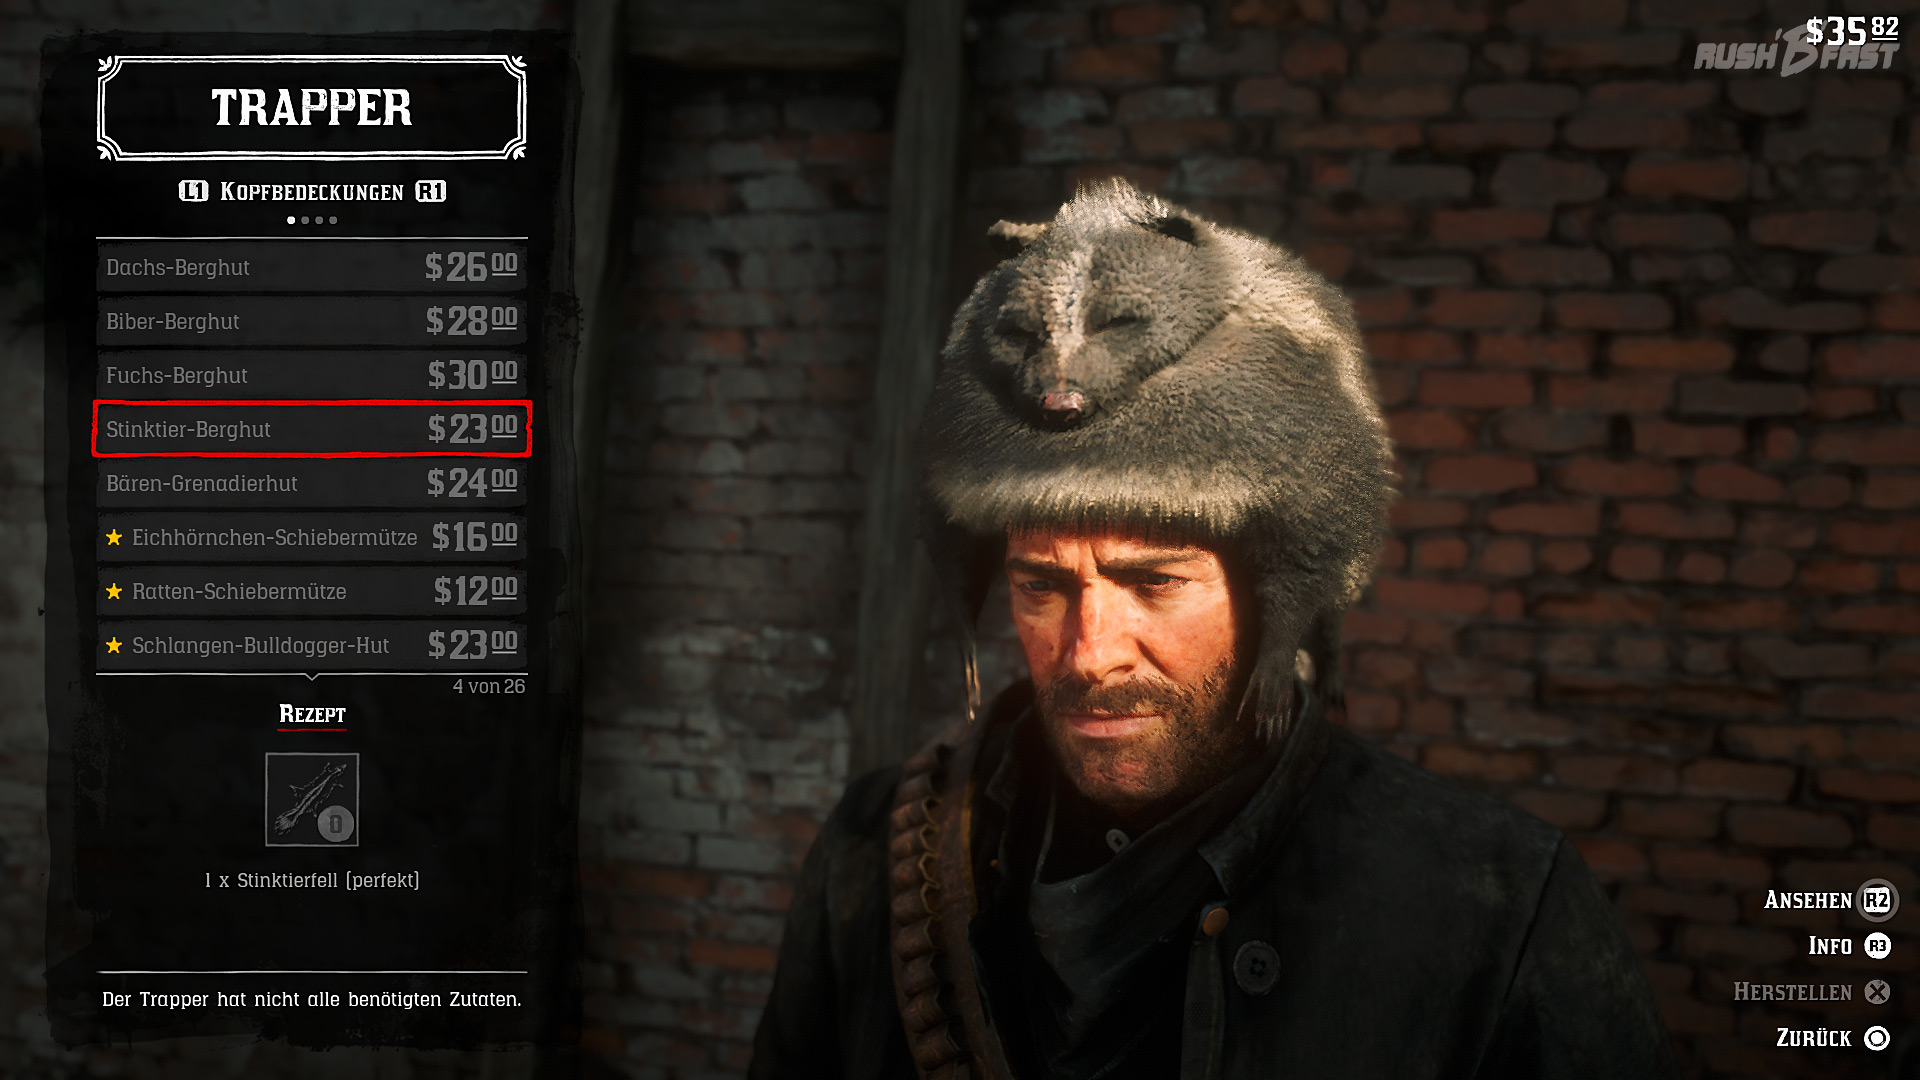 Red Dead Redemption 2: Verkaufen wir unsere perfekten Felle beim Trapper, können wir uns skurrile Kleidungsstücke herstellen lassen.